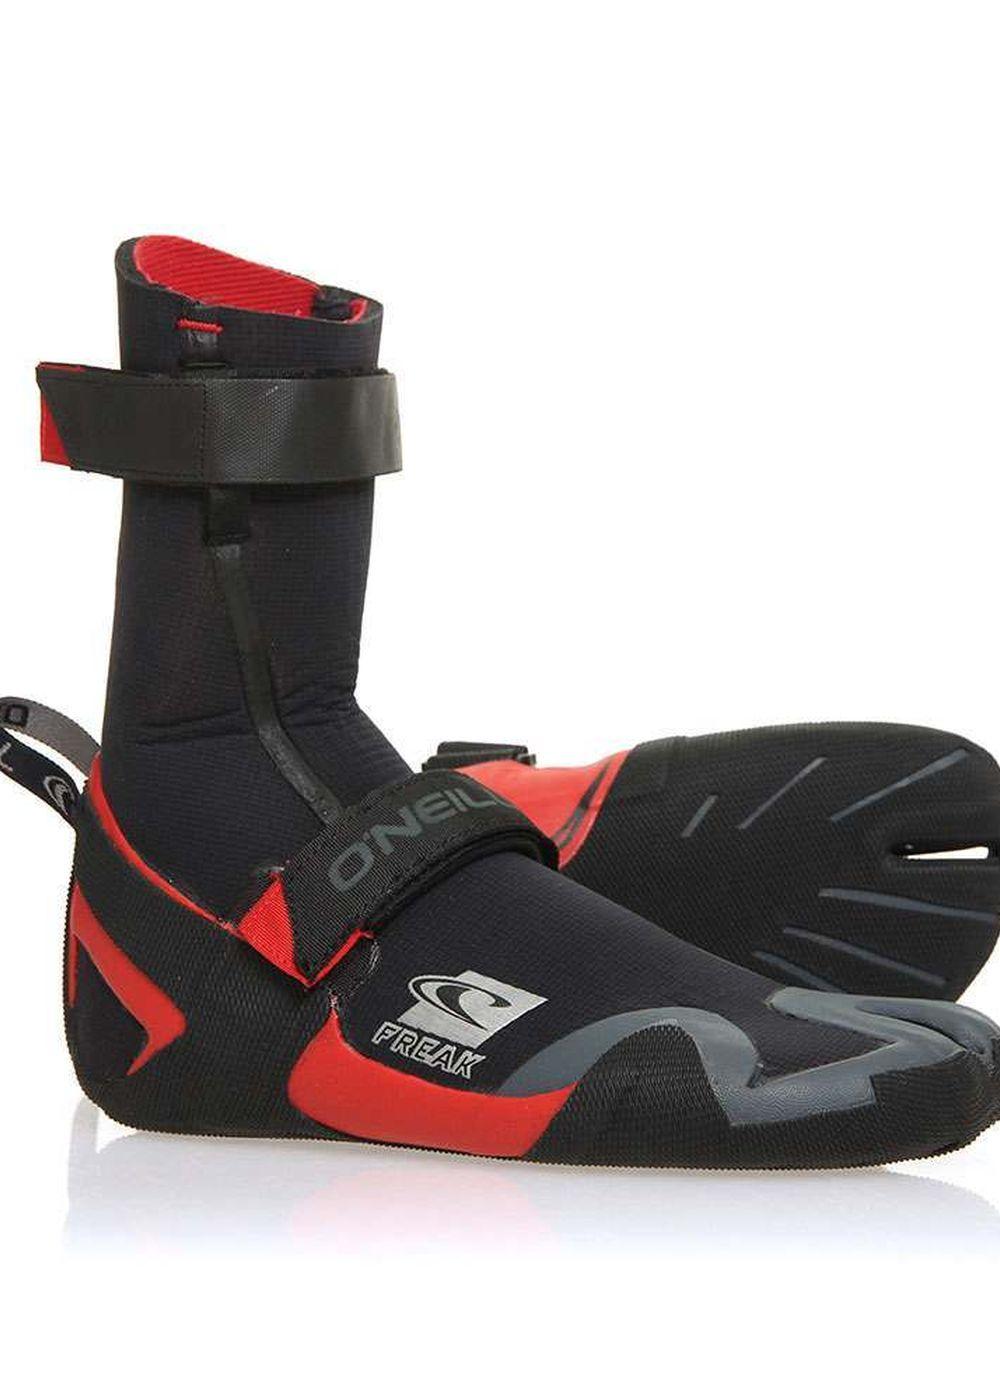 Oneill Psycho Freak 6mm Split Toe Wetsuit Boots Picture